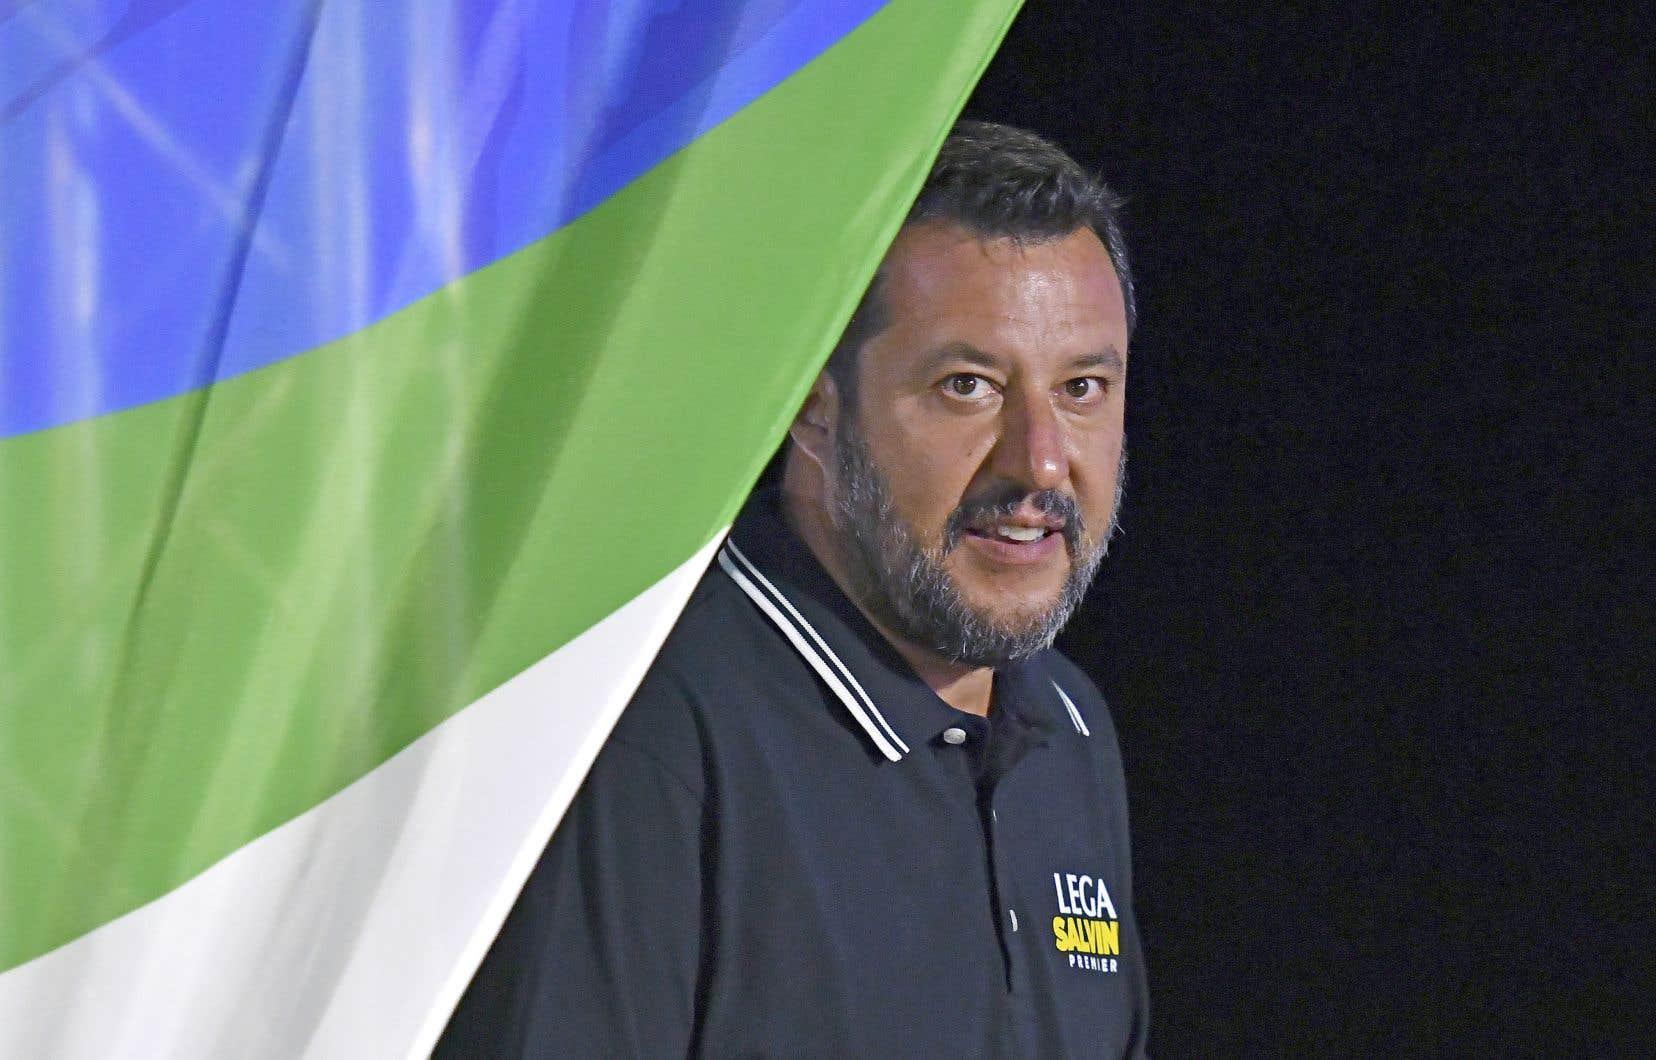 Si des élections étaient déclenchées, les sondages laissent croire que Matteo Salvini pourrait gagner son pari en se hissant à la tête d'un gouvernement d'extrêmedroite.